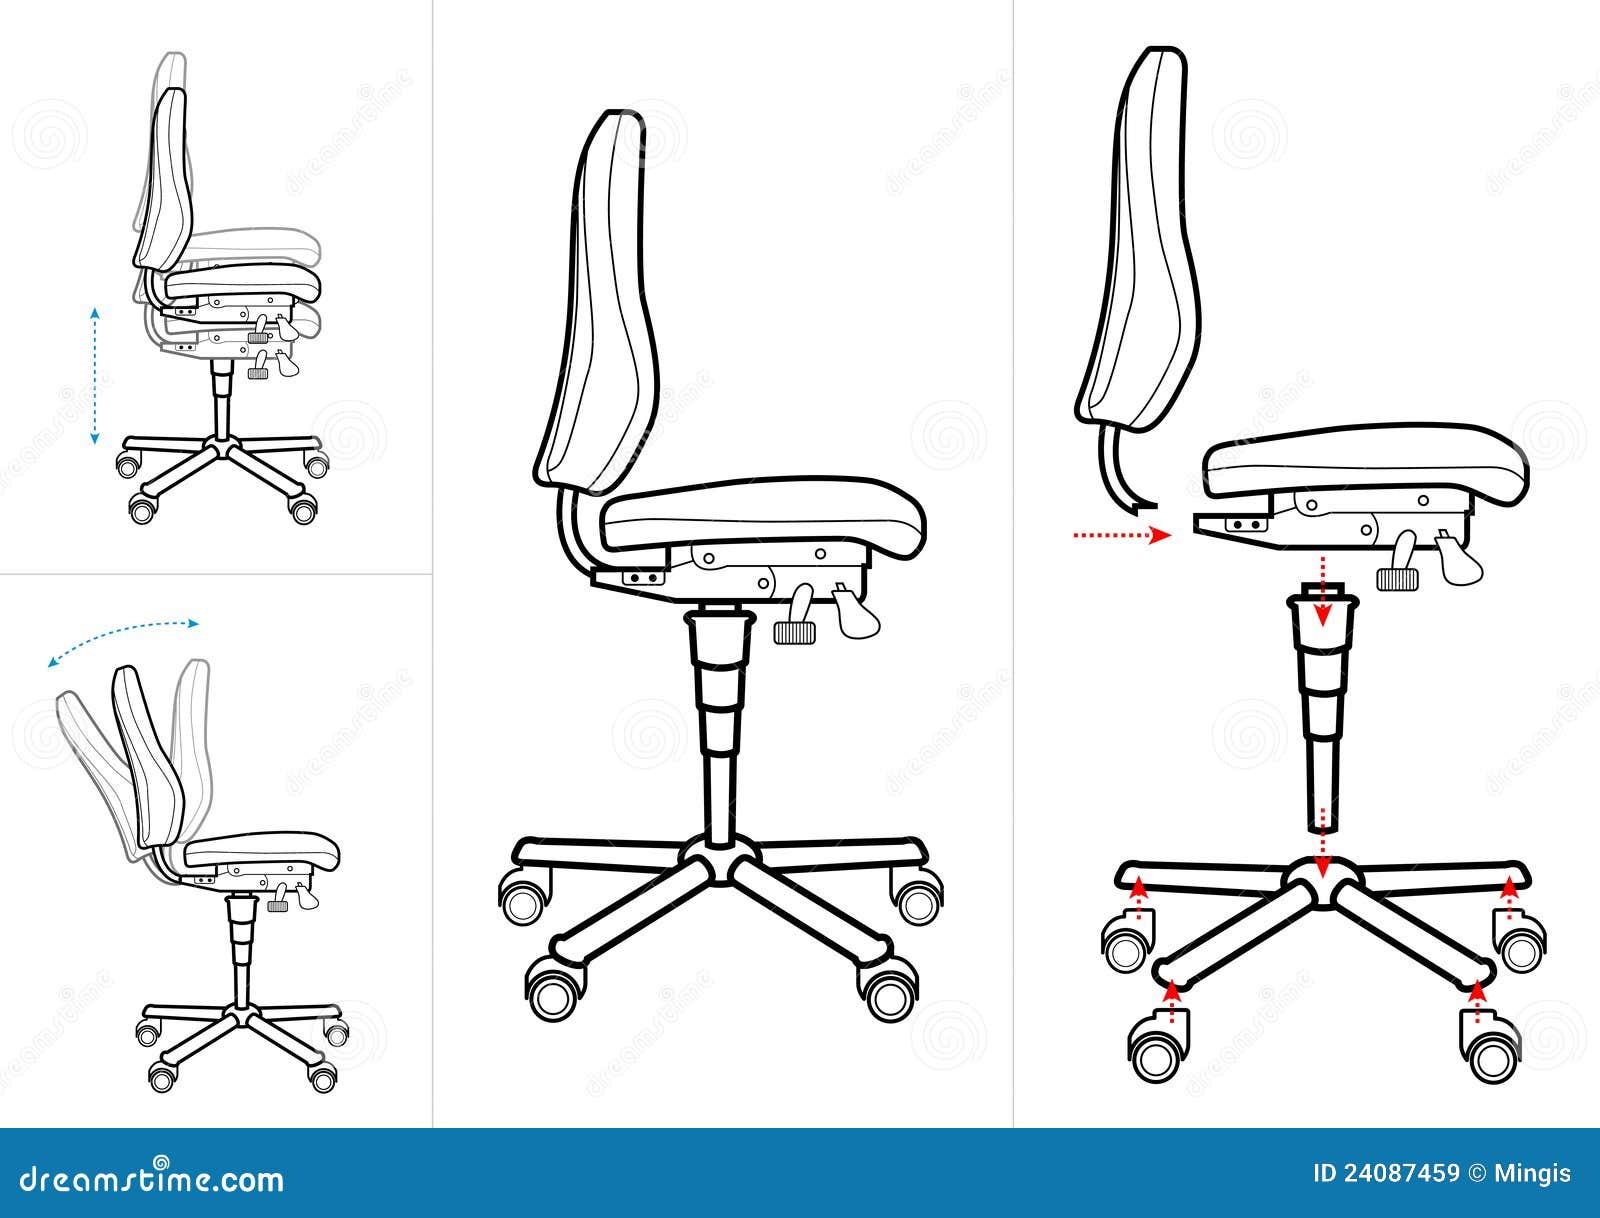 De Tekening Van De Stoel Van Het Bureau Vector Illustratie